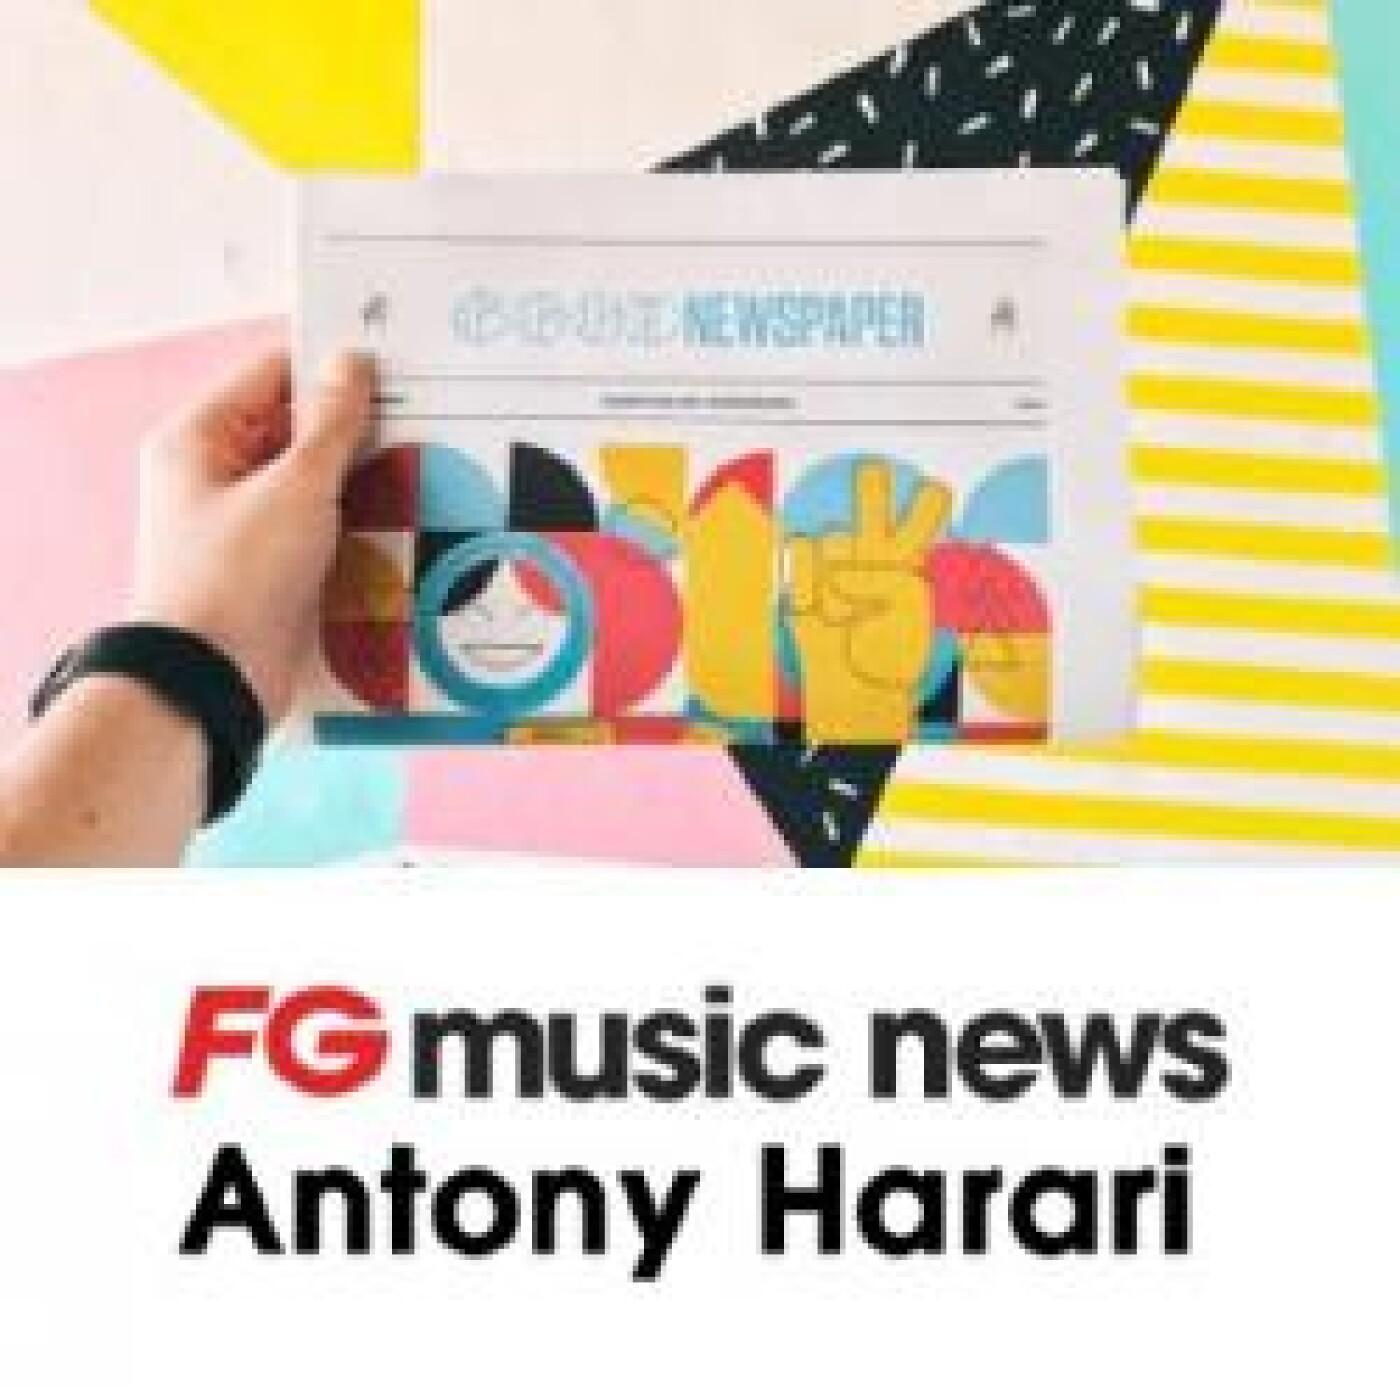 FG MUSIC NEWS : Martin Garrix remixe l'hymne de l'Euro 2021 !